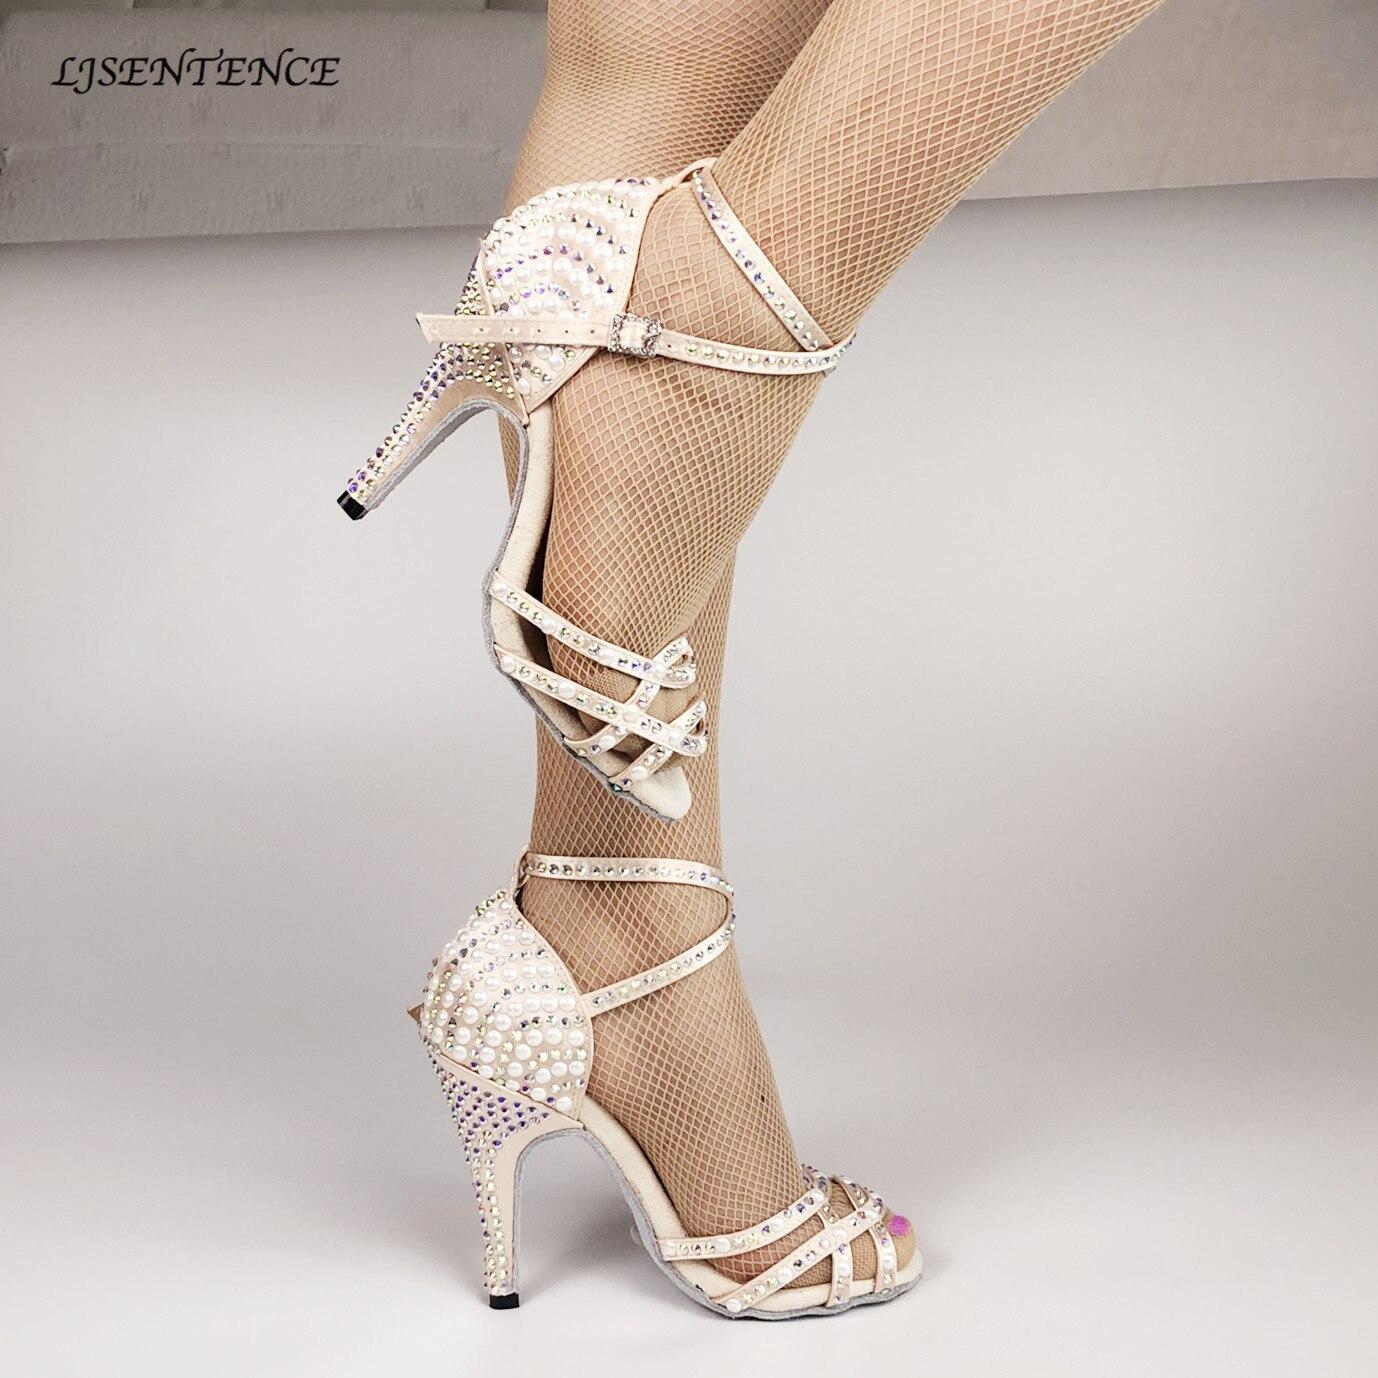 Mode salle de bal Latin Tango chaussures de danse femmes semelle souple talons hauts pour les femmes couleur de la peau Stable danse latine chaussures de danse femme